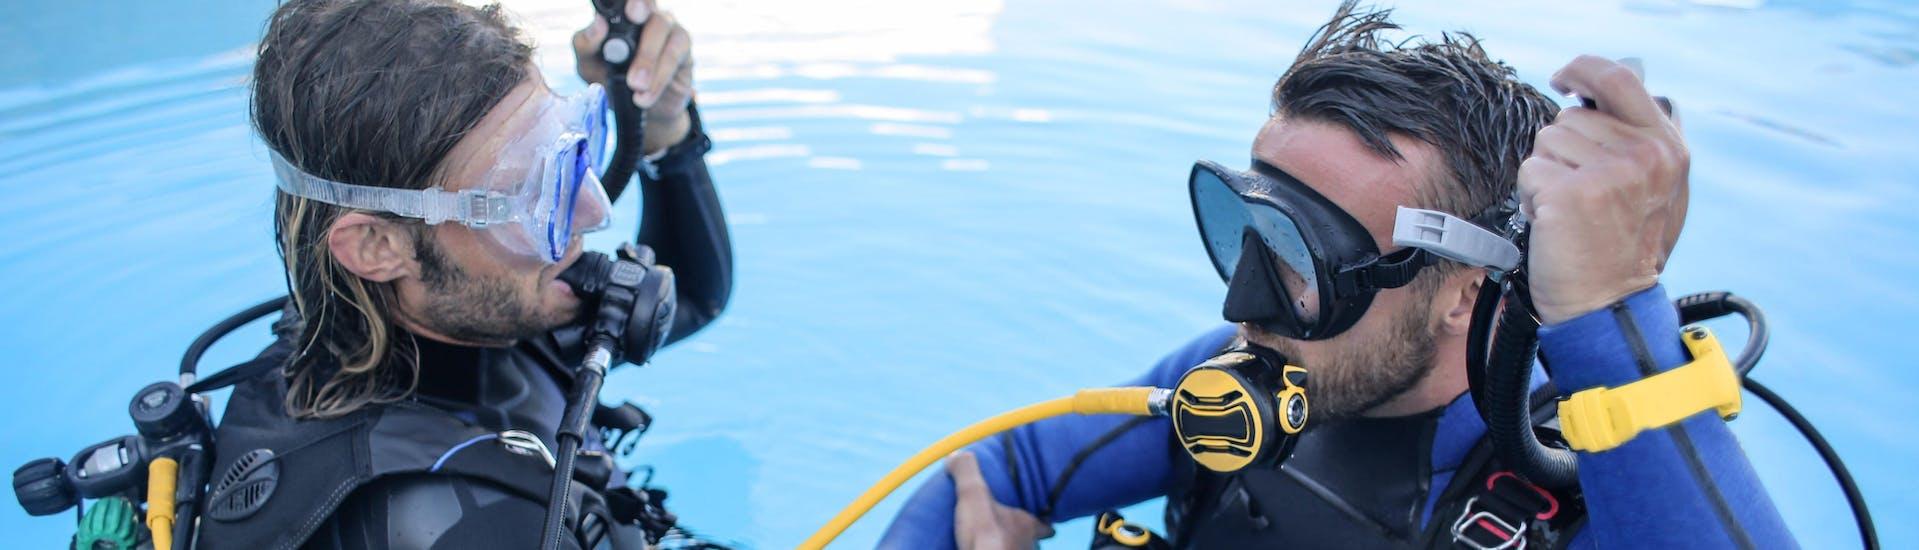 Als onderdeel van het proefduiken voor beginners leert een duikinstructeur een leerling hoe hij zijn duikuitrusting moet gebruiken in een zwembad.